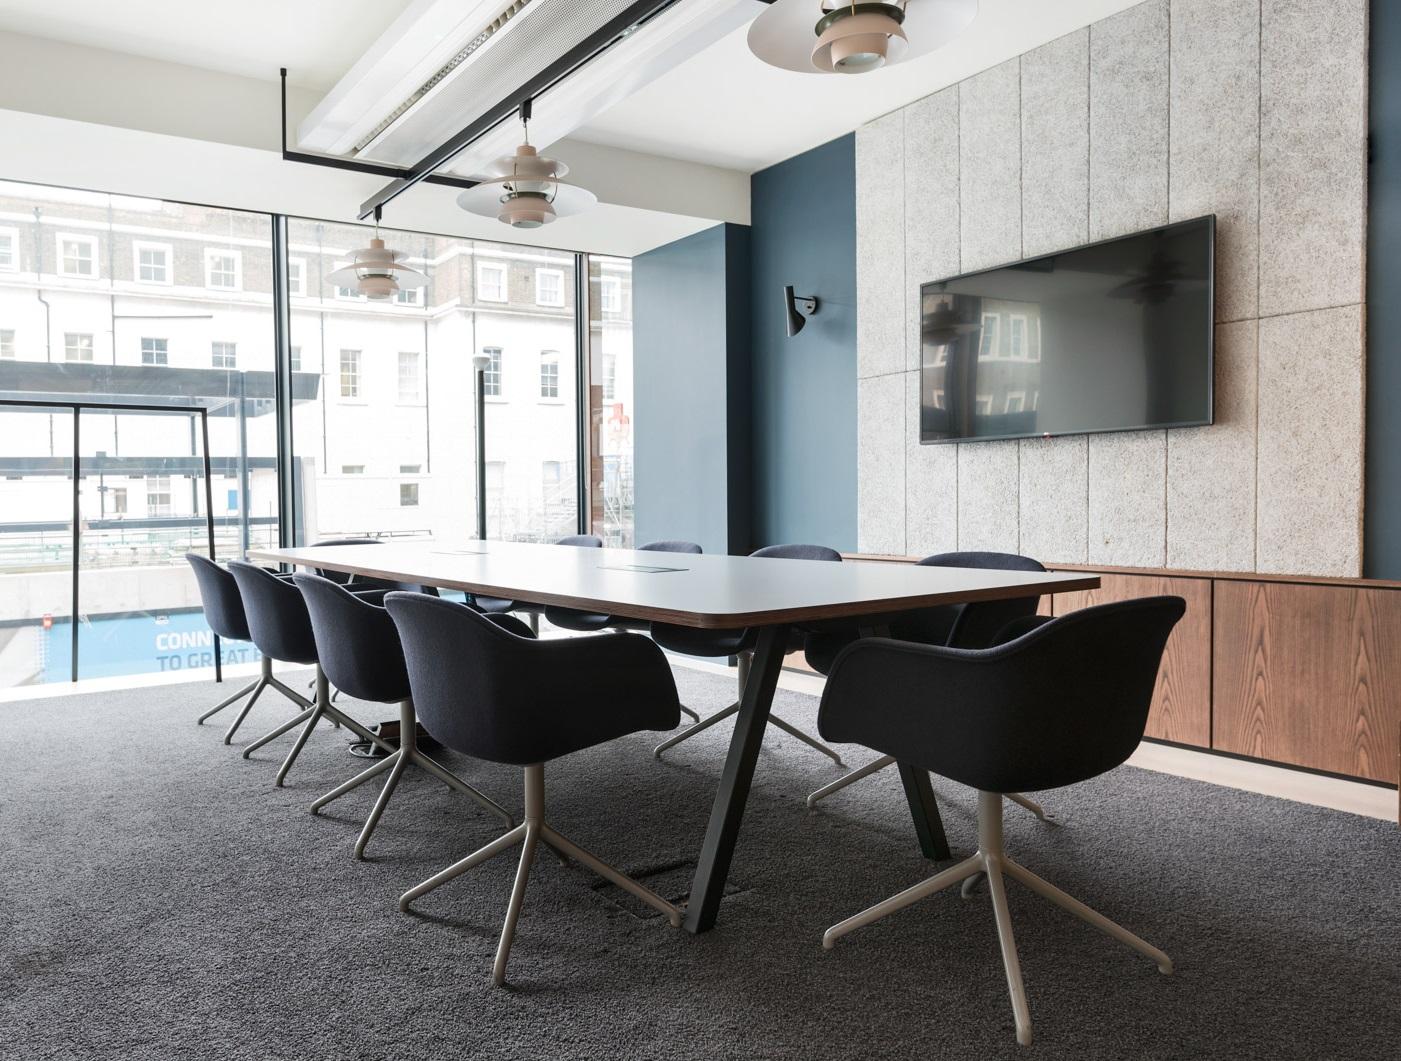 wie licht zum wohlbefinden am arbeitsplatz beitr gt worauf es beim licht ankommt. Black Bedroom Furniture Sets. Home Design Ideas